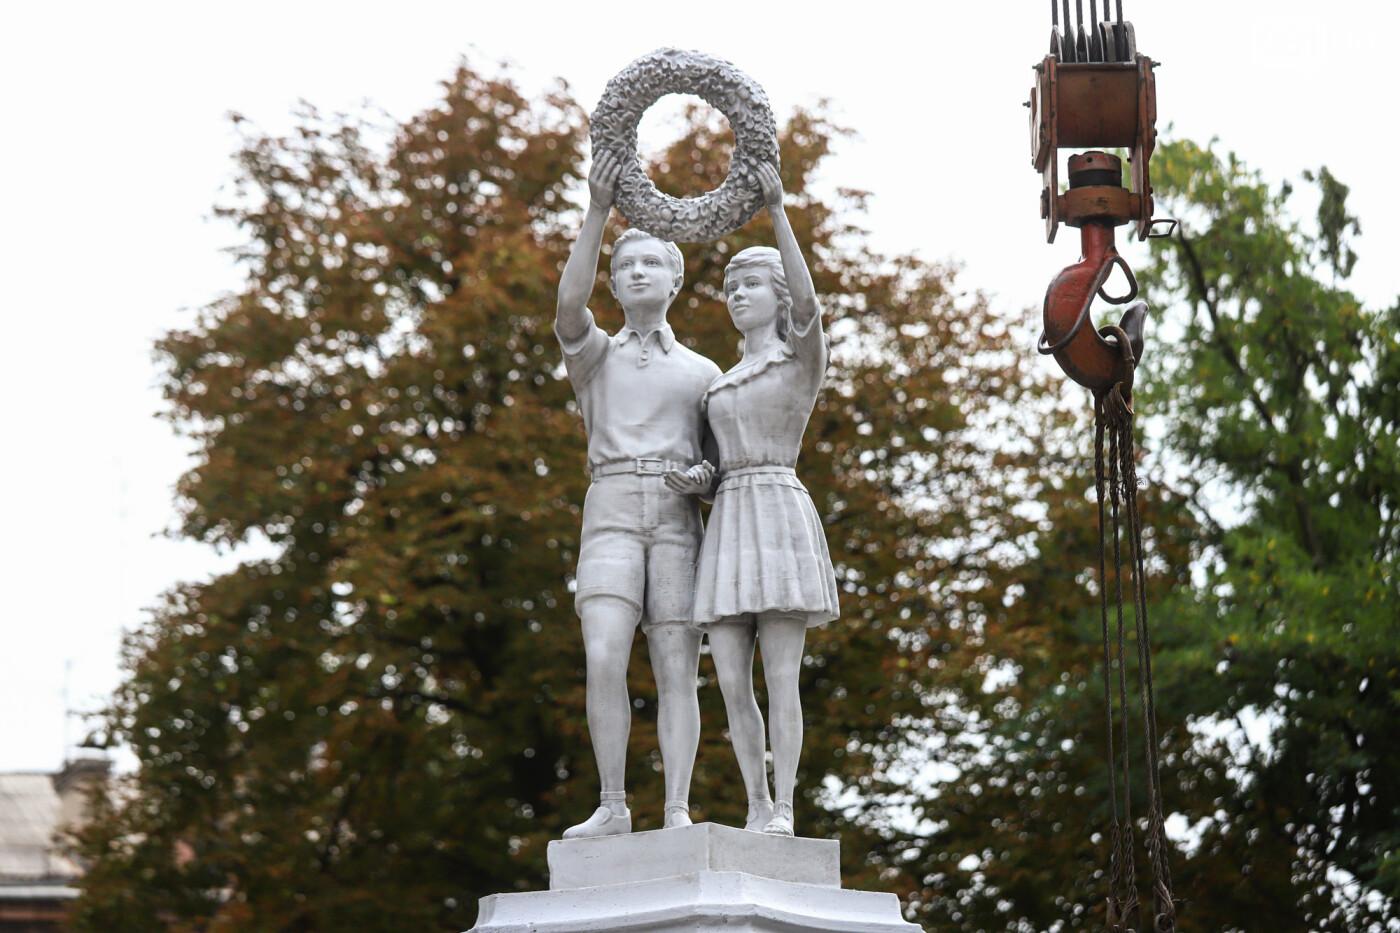 ЛГБТ-прайд, эко-митинг и восстановленные скульптуры в сквере Пионеров: сентябрь в фотографиях , фото-135